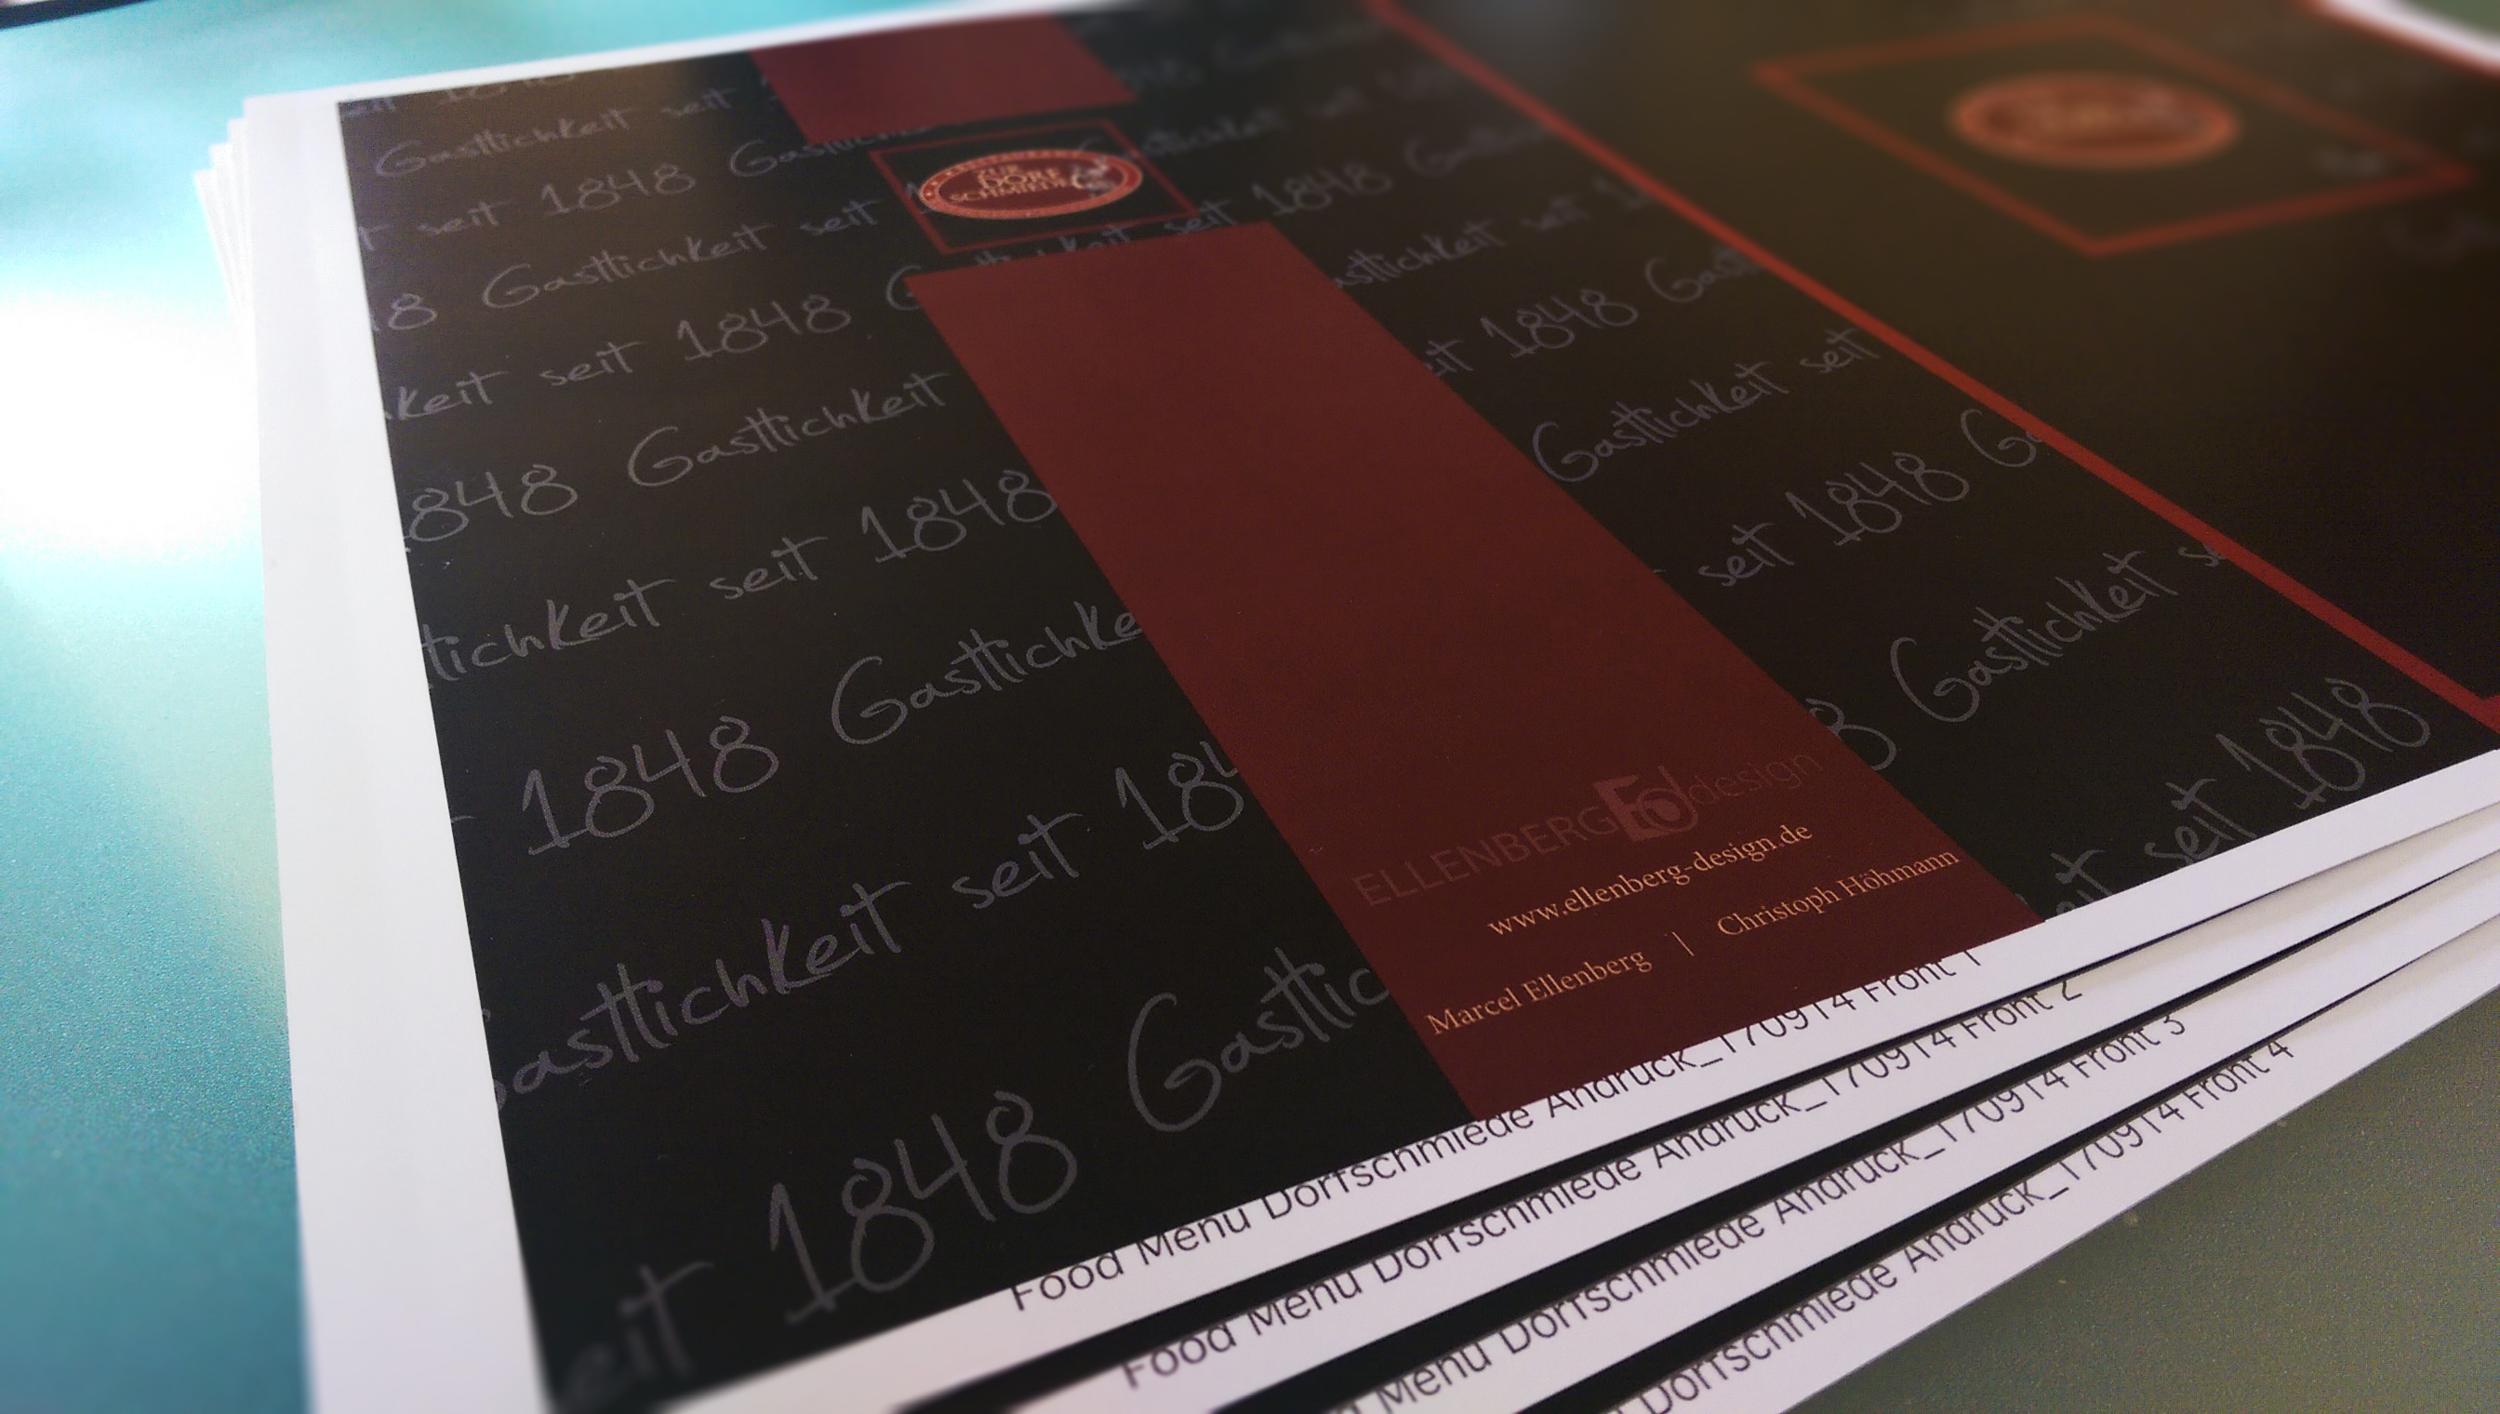 Gestaltung Speisenkarte